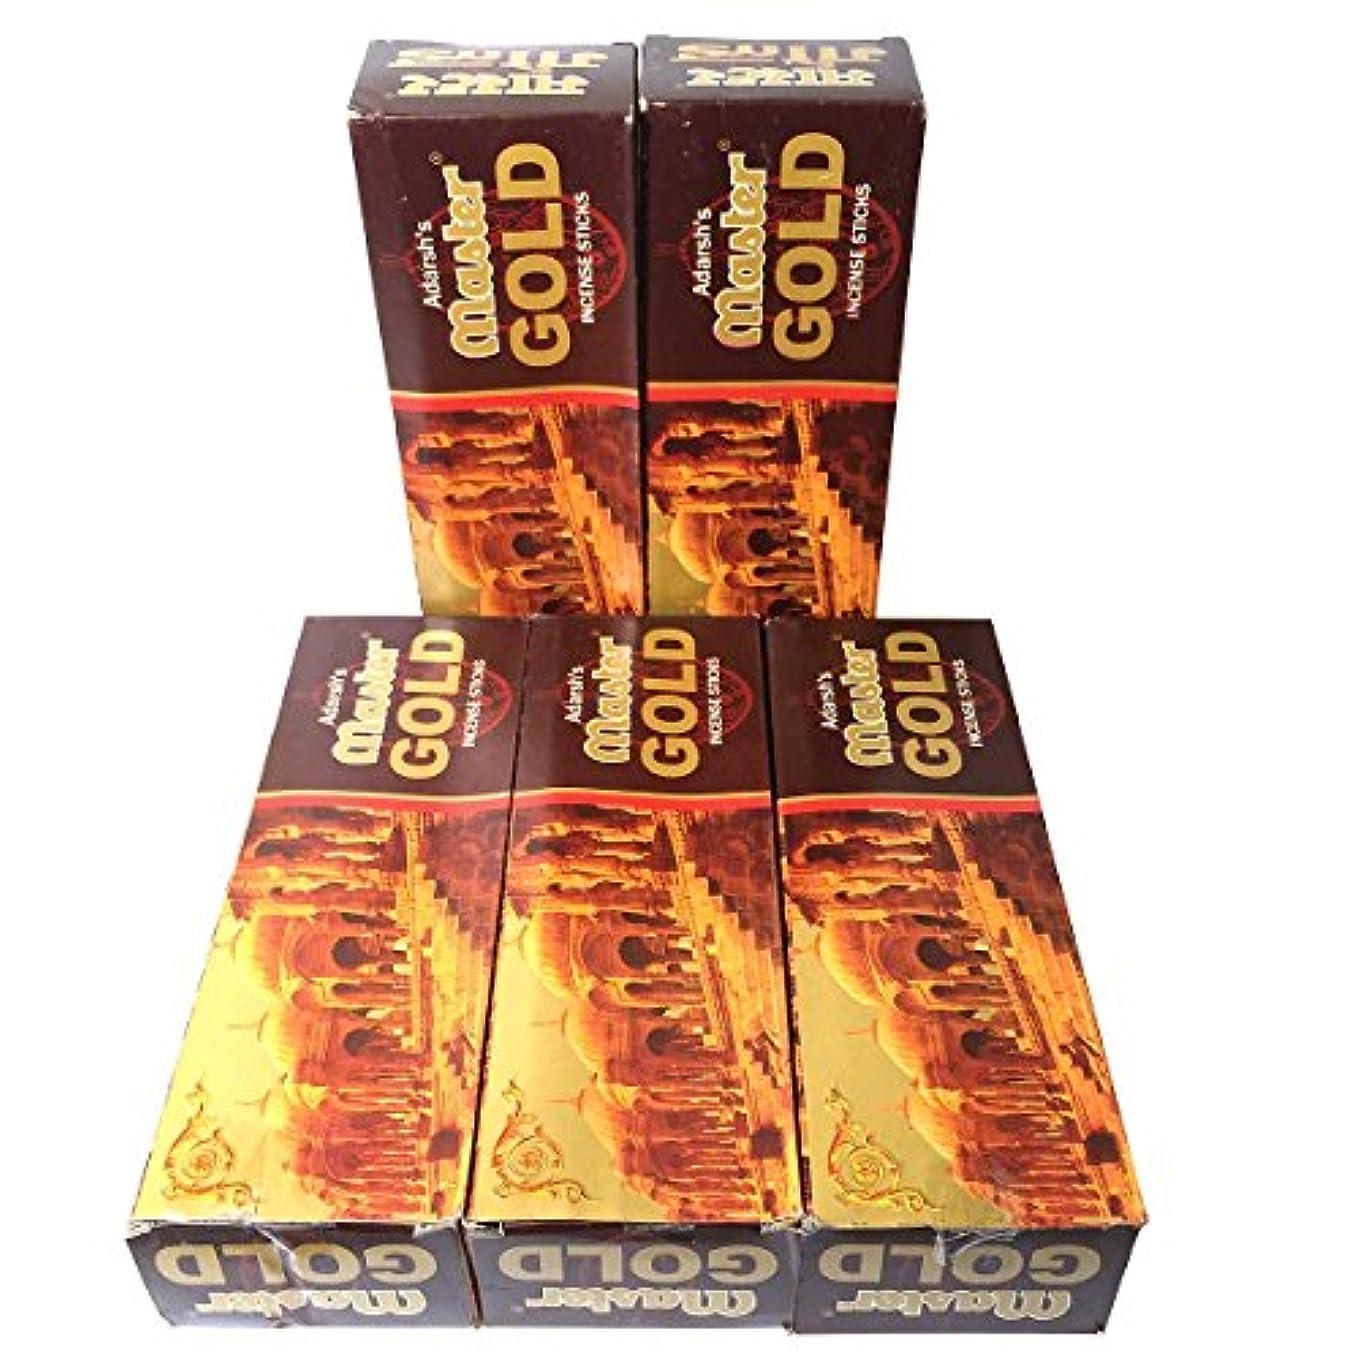 所有権ライトニング撤退マスターゴールド香スティック 5BOX(30箱)/ADARSH AROMATICS  MASTER GOLD/ インド香 / 送料無料 [並行輸入品]